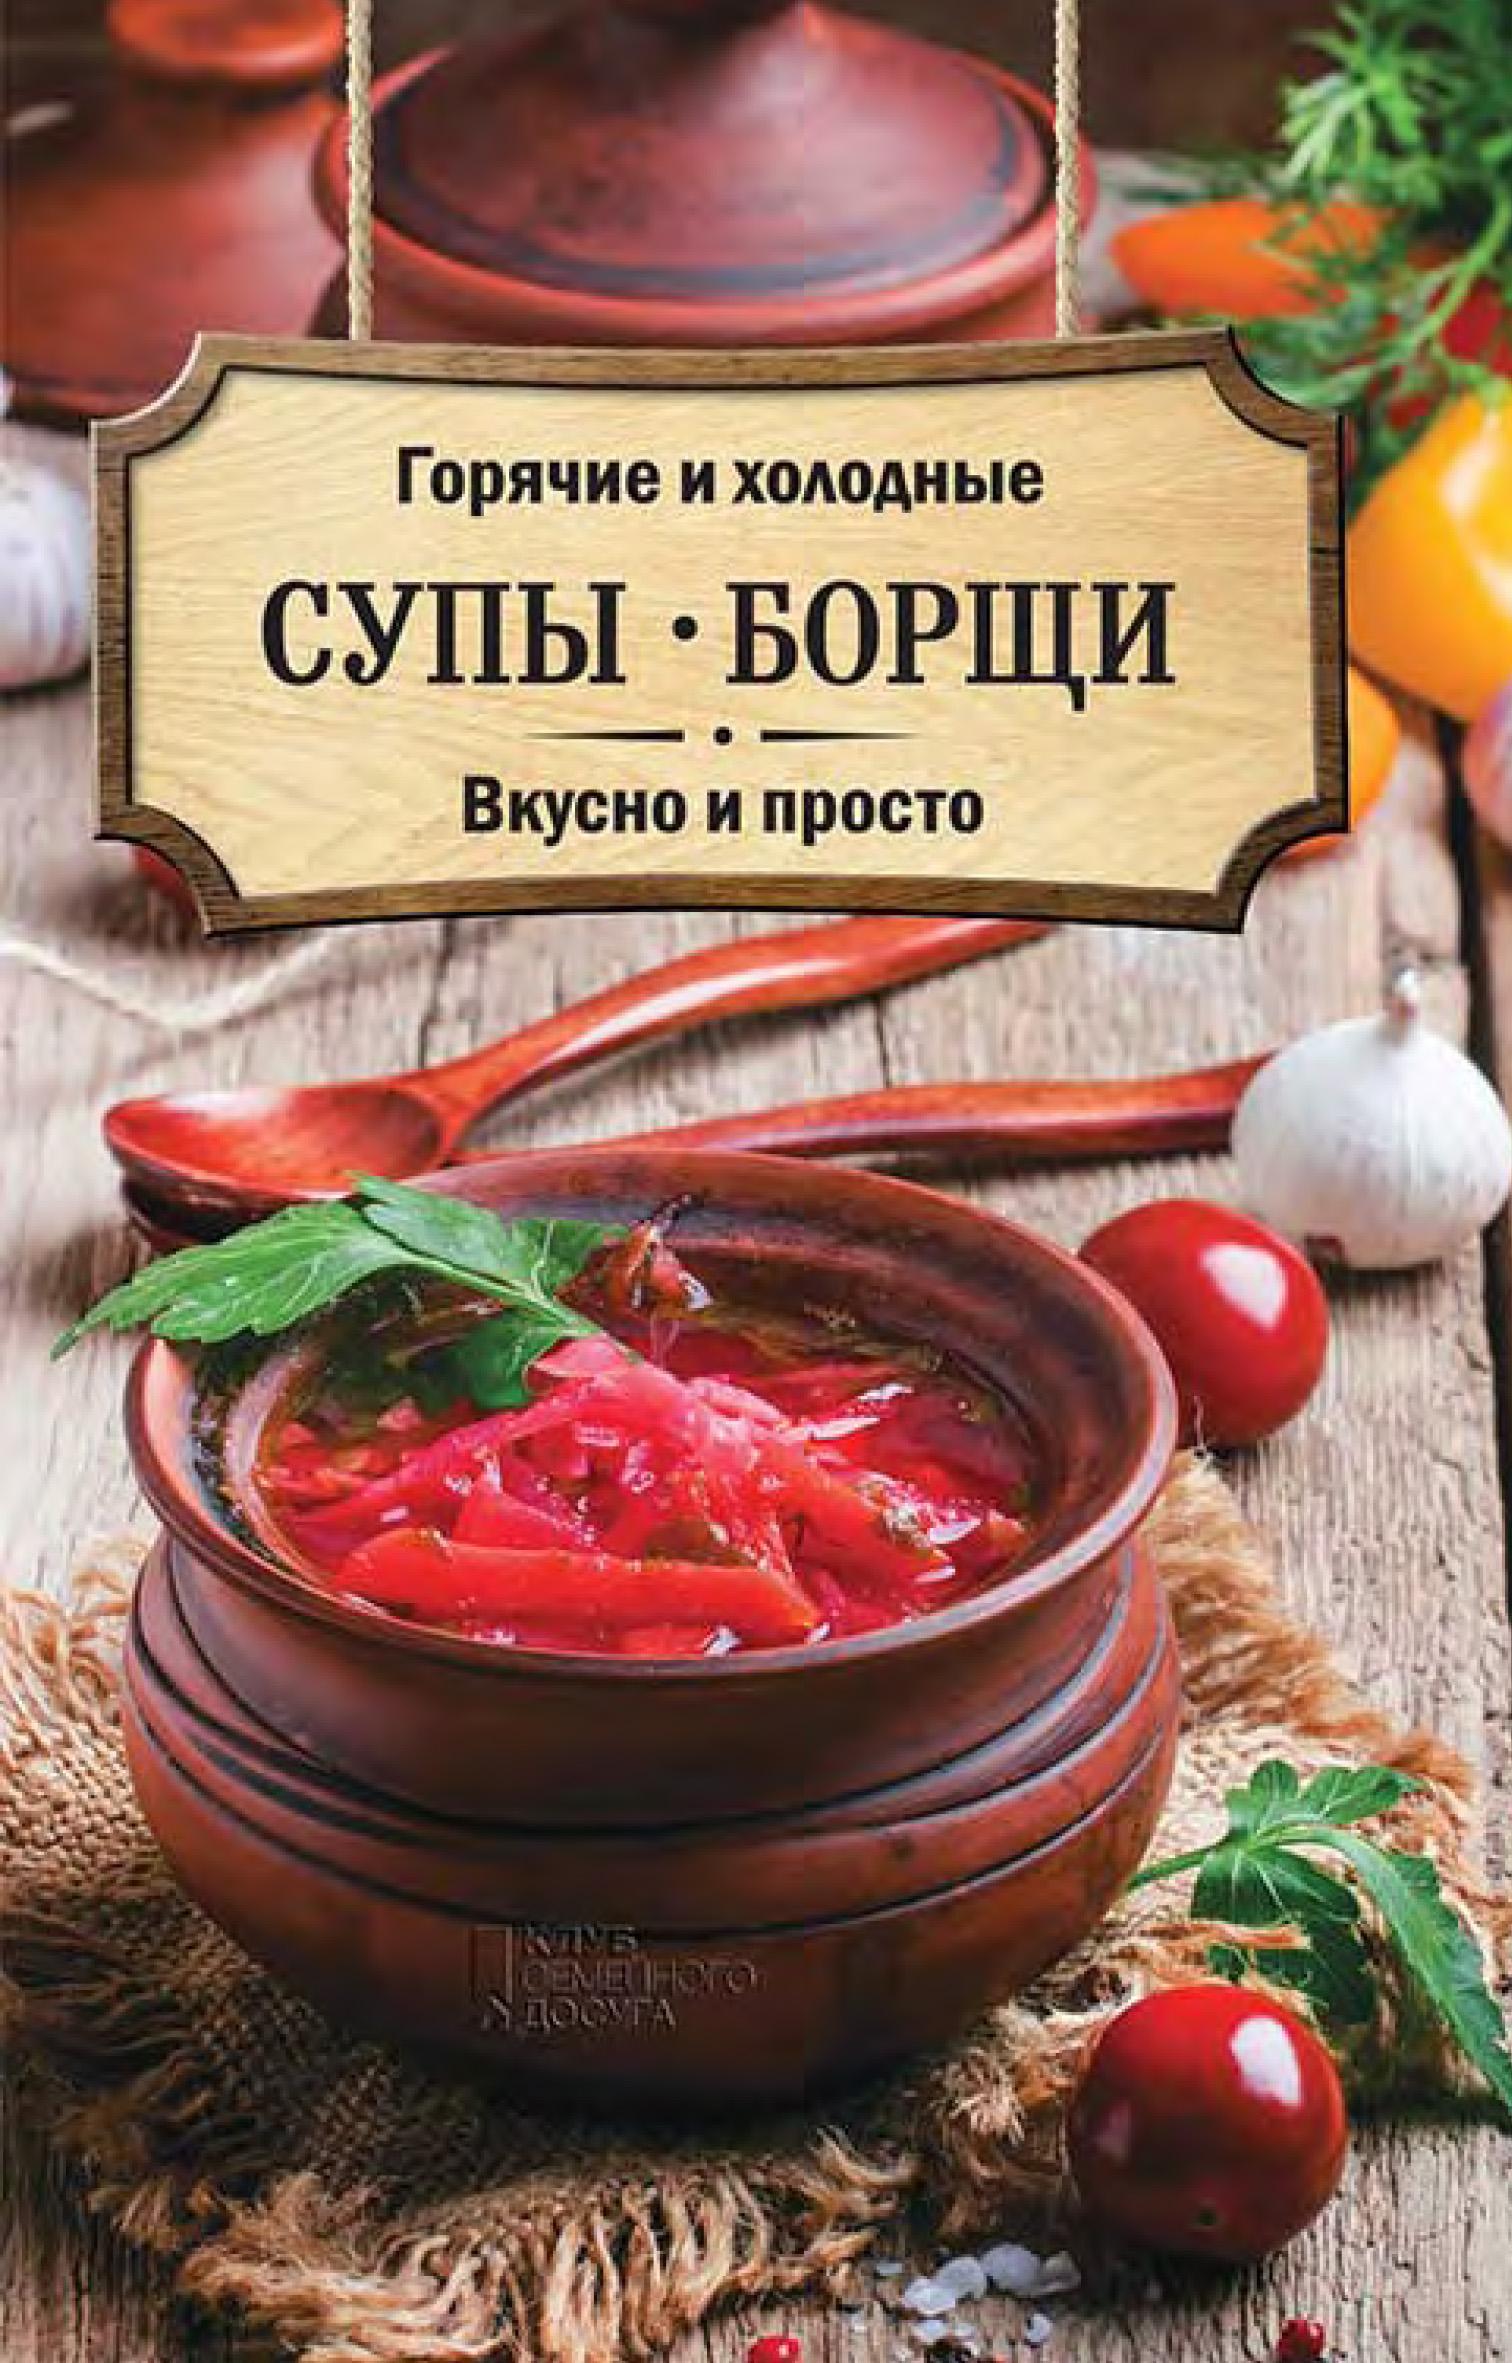 Фото - Отсутствует Горячие и холодные супы, борщи. Вкусно и просто супы